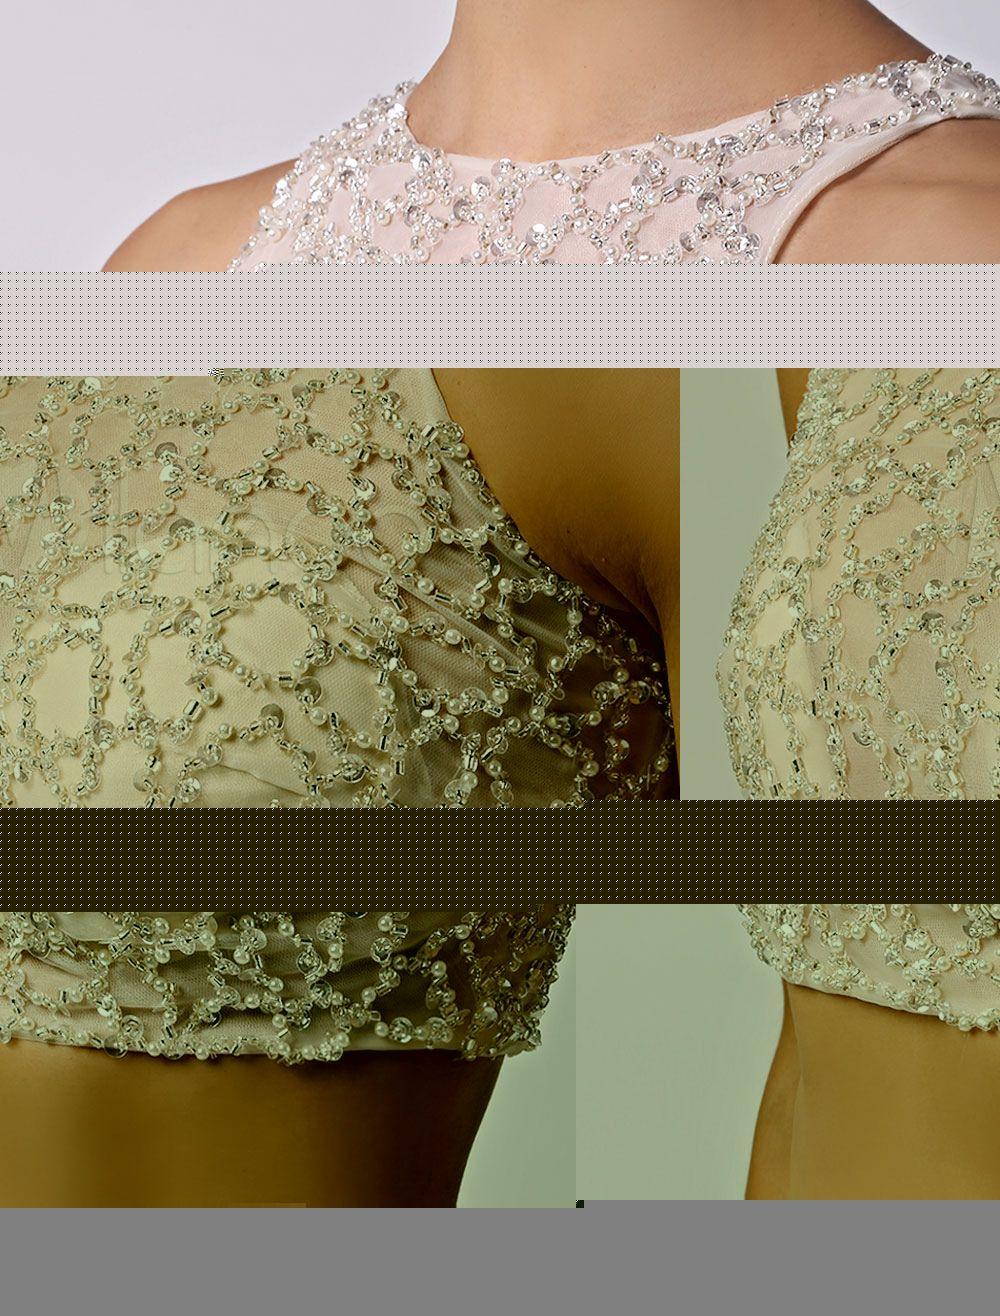 20 Wunderbar Abendkleid Ivory Vertrieb Ausgezeichnet Abendkleid Ivory Spezialgebiet